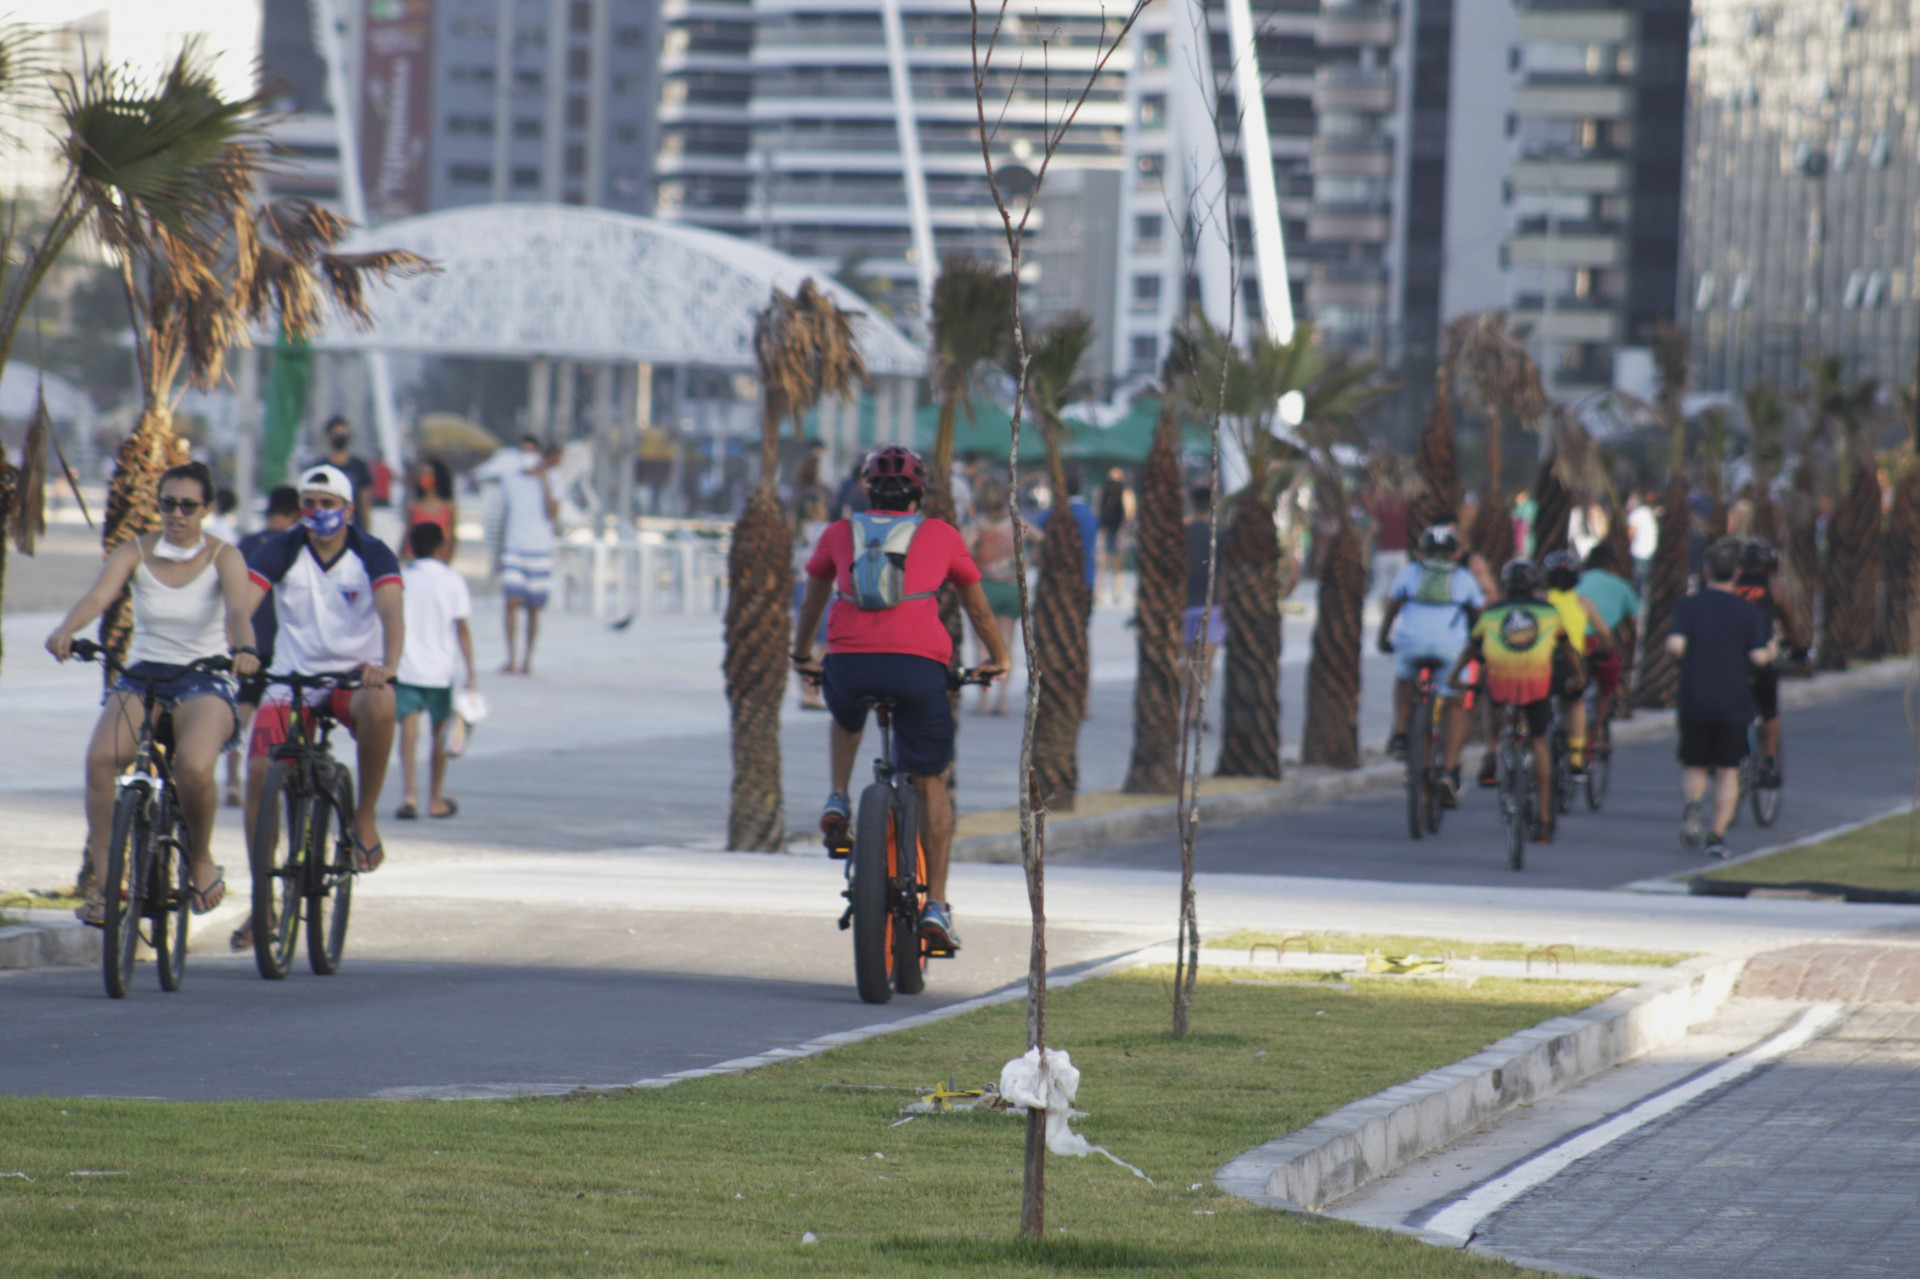 CALÇADÃO da Praia de Iracema recebeu muitas pessoas praticando esportes  (Foto: Thais Mesquita)